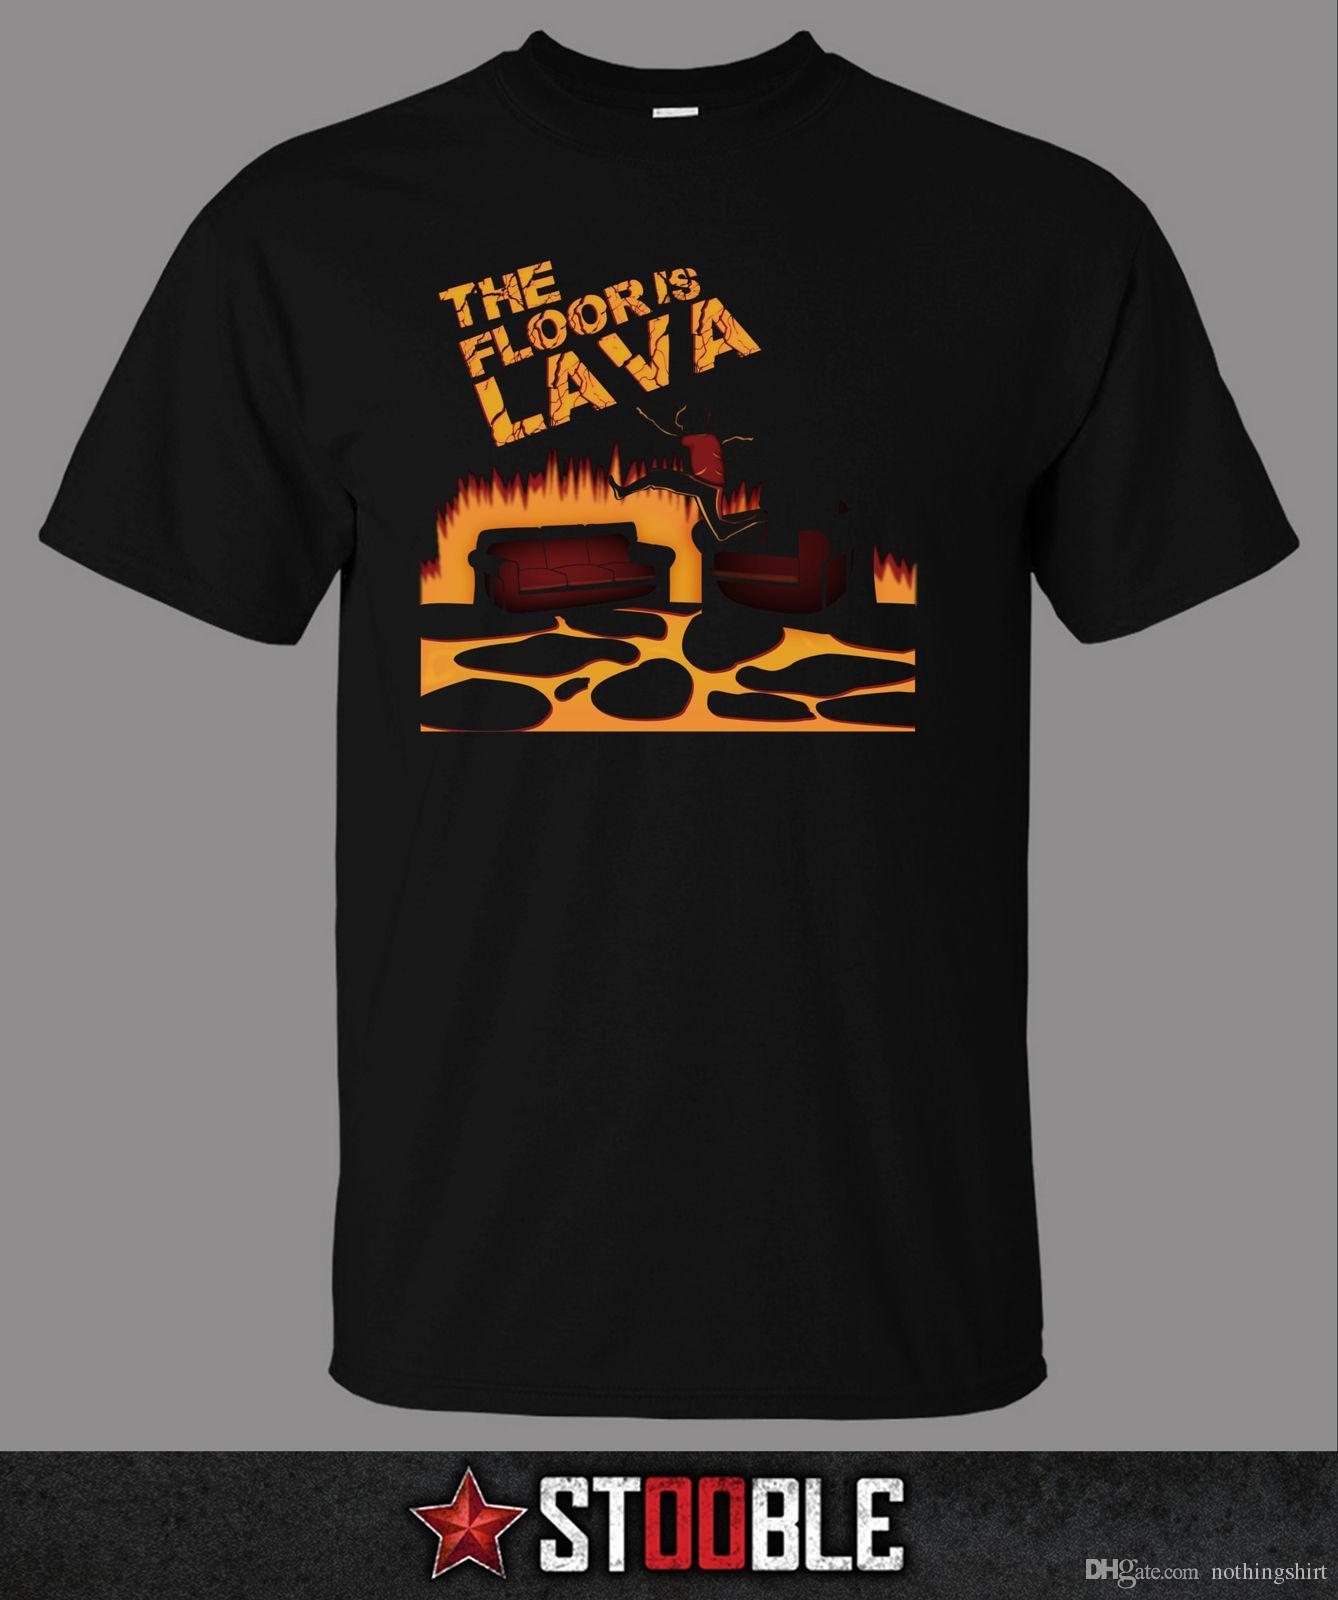 Grosshandel Der Boden Ist Lava T Shirt Direkt Von Stockist Von